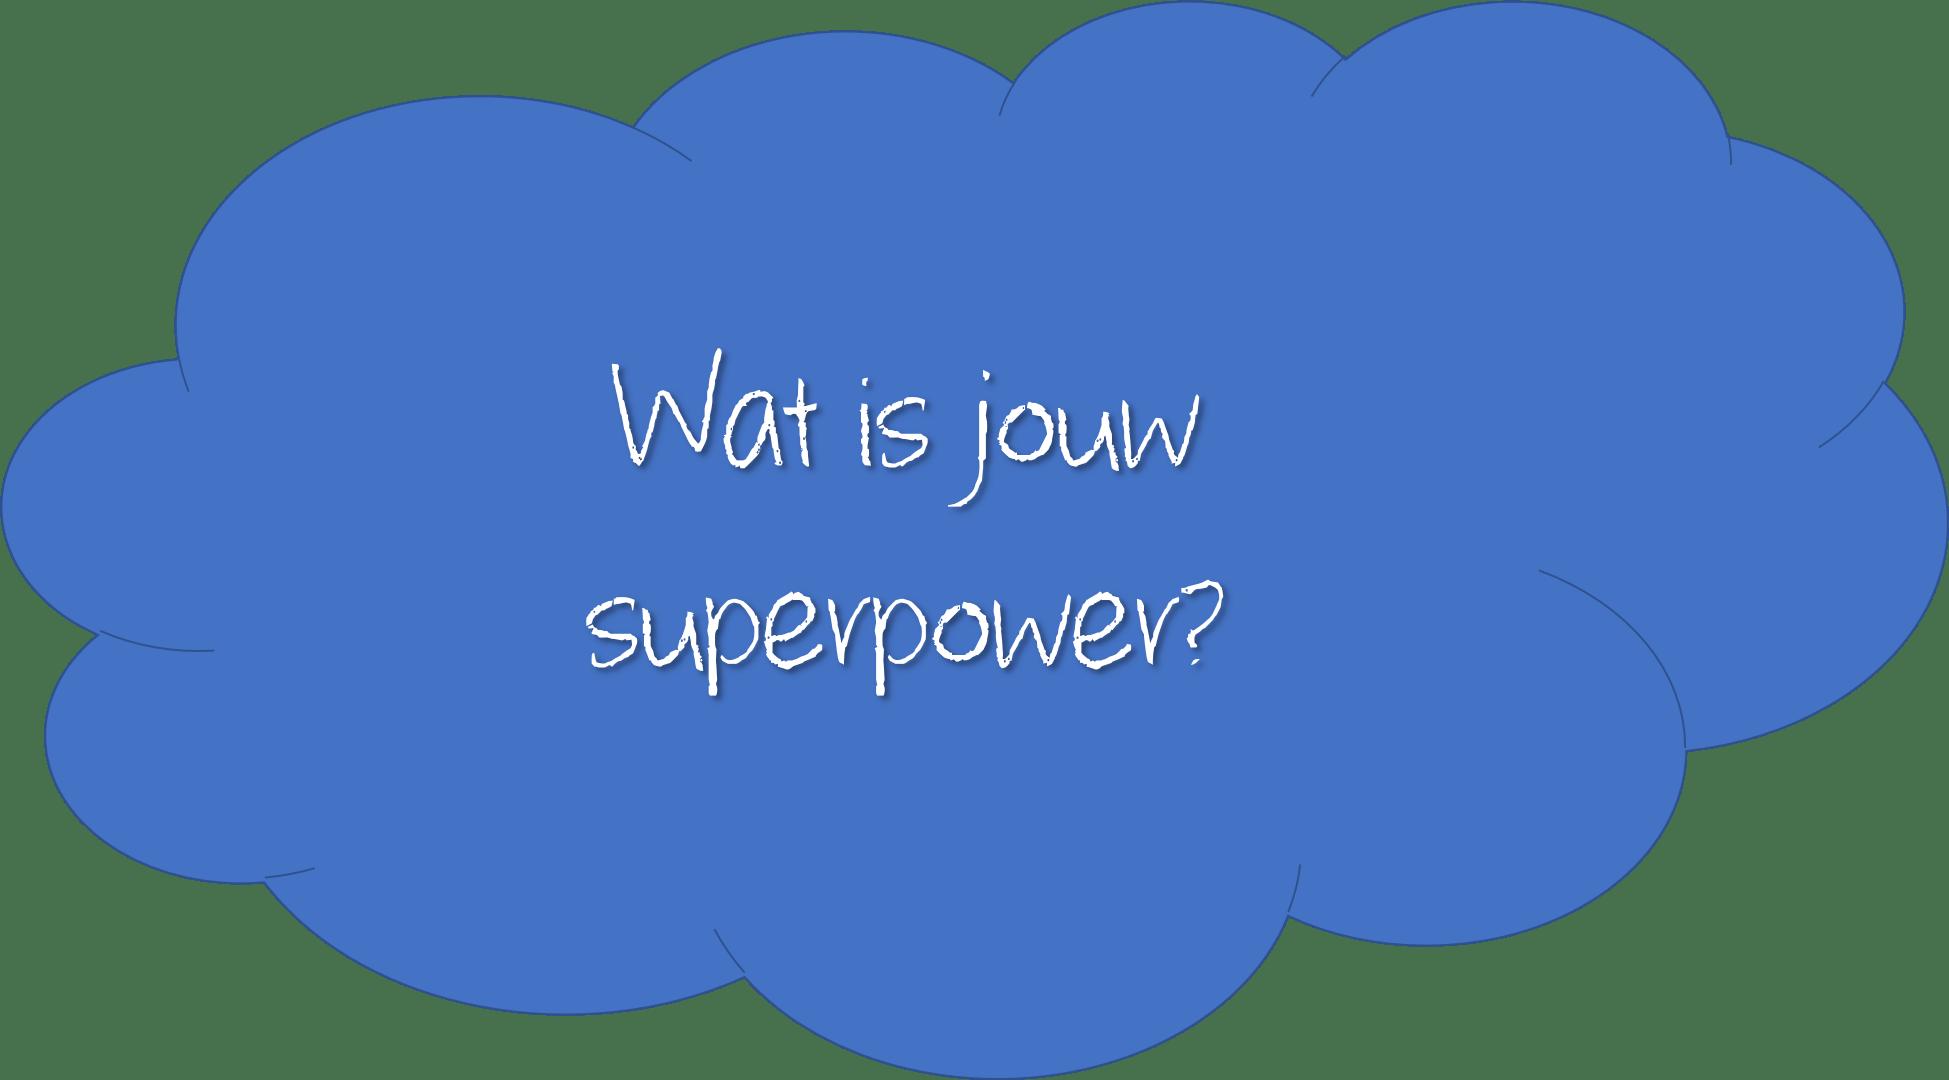 Jouw superpower